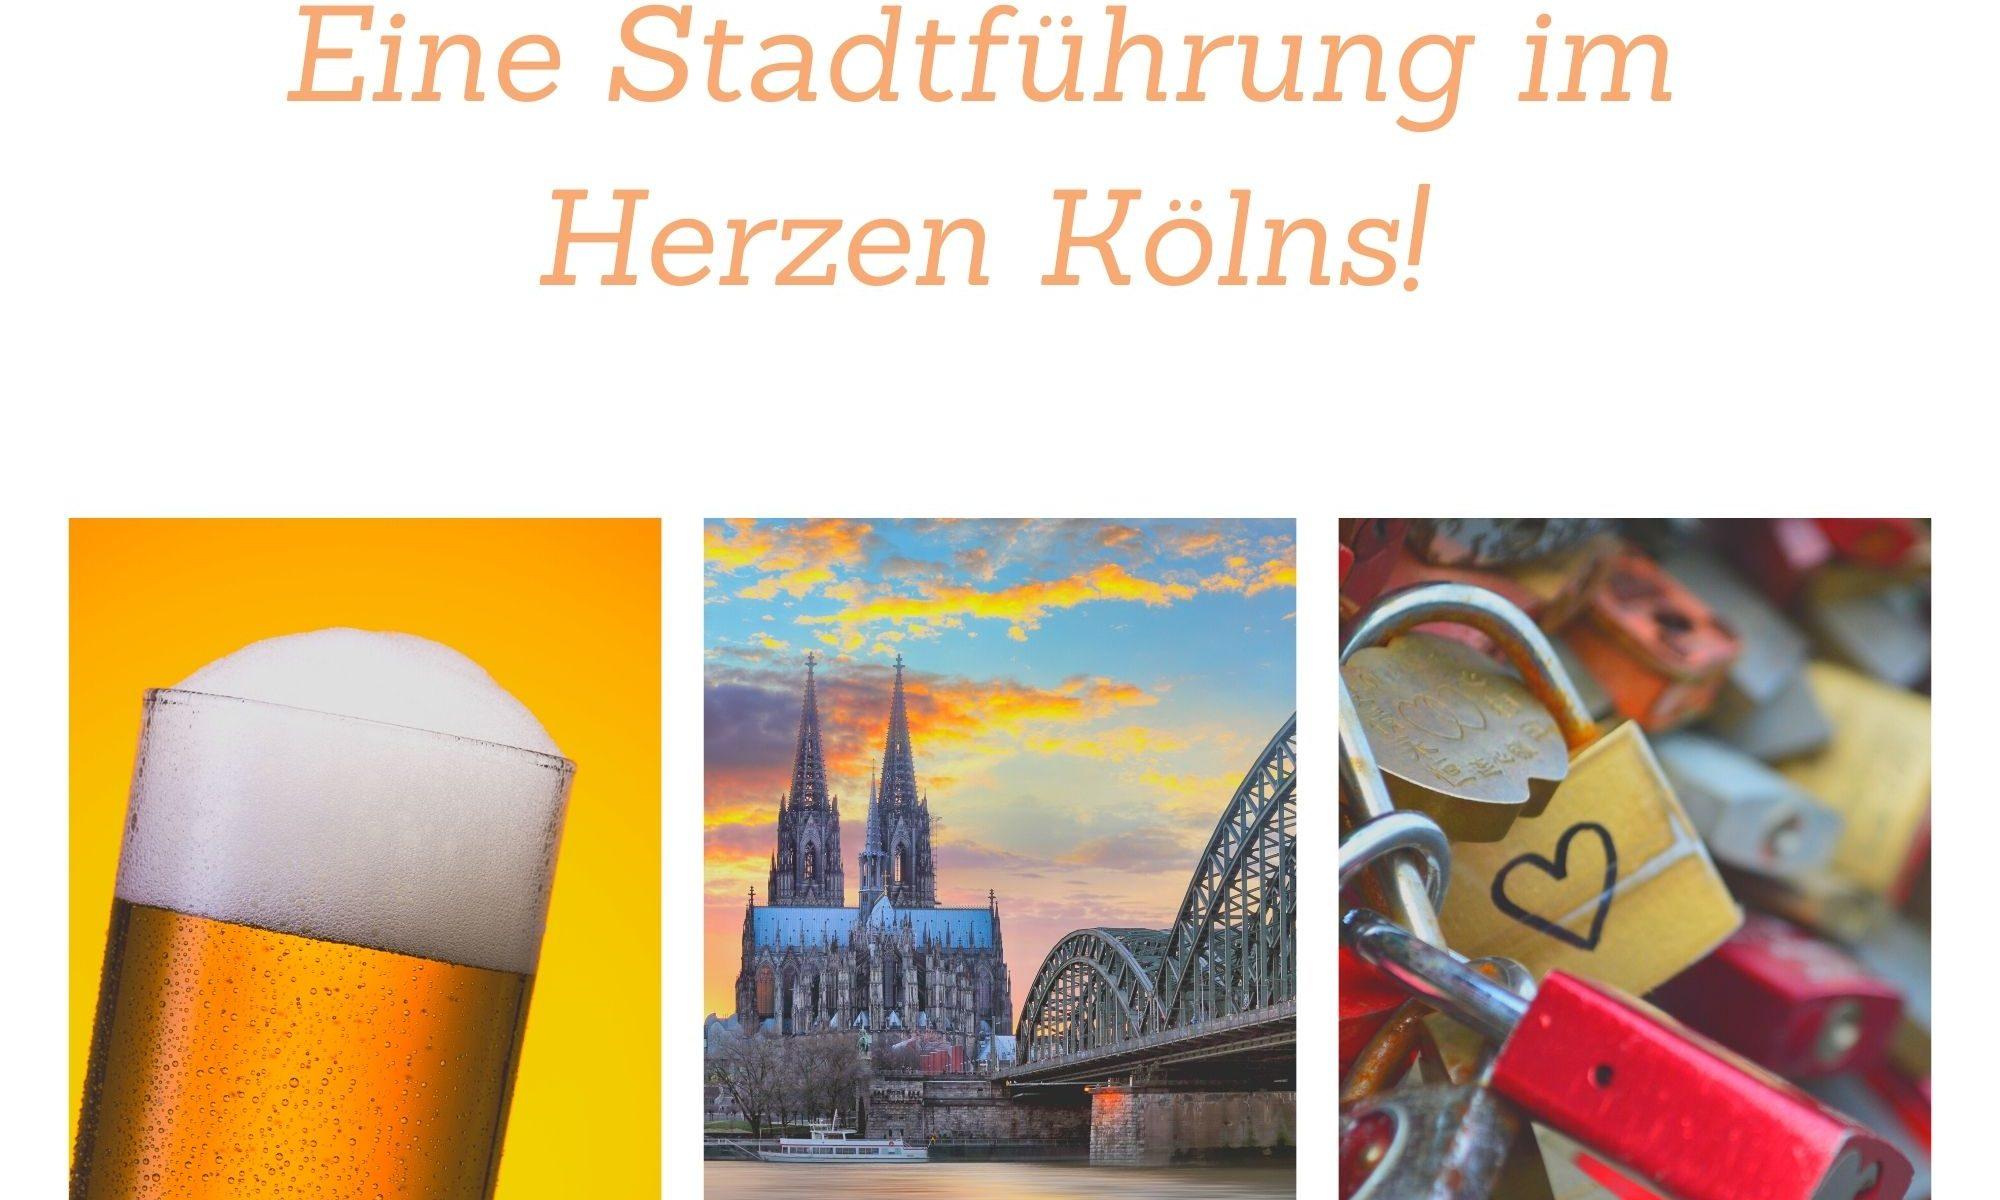 """Perfekt und exklusiv für Ihre Gruppe: """"Kölsch auf der Zunge"""" Brauhaustour Köln Eine Stadtführung im Herzen der Domstadt"""